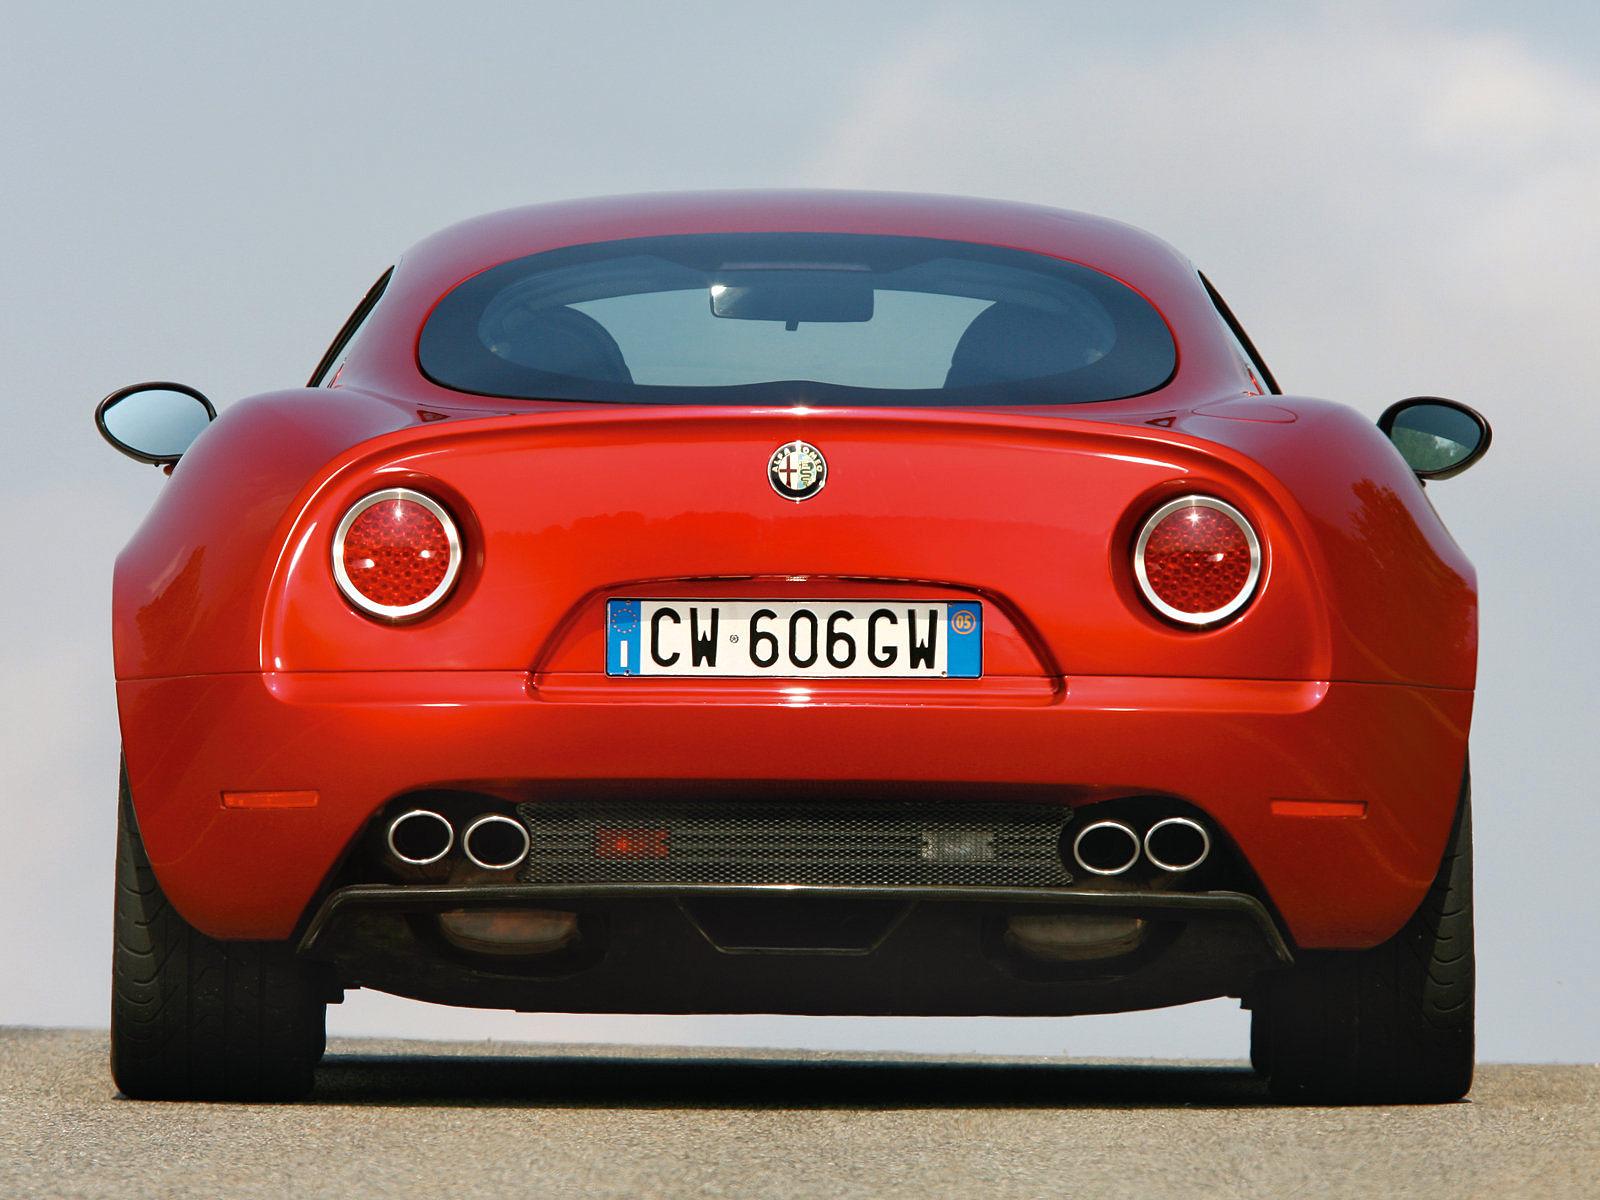 http://2.bp.blogspot.com/-ttzDT1c0ZZA/Tr3S0M-MrQI/AAAAAAAAD2I/rIwlaEYlbPQ/s1600/2007_ALFA-ROMEO-8C-Competizione_car-desktop-wallpaper_07.jpg